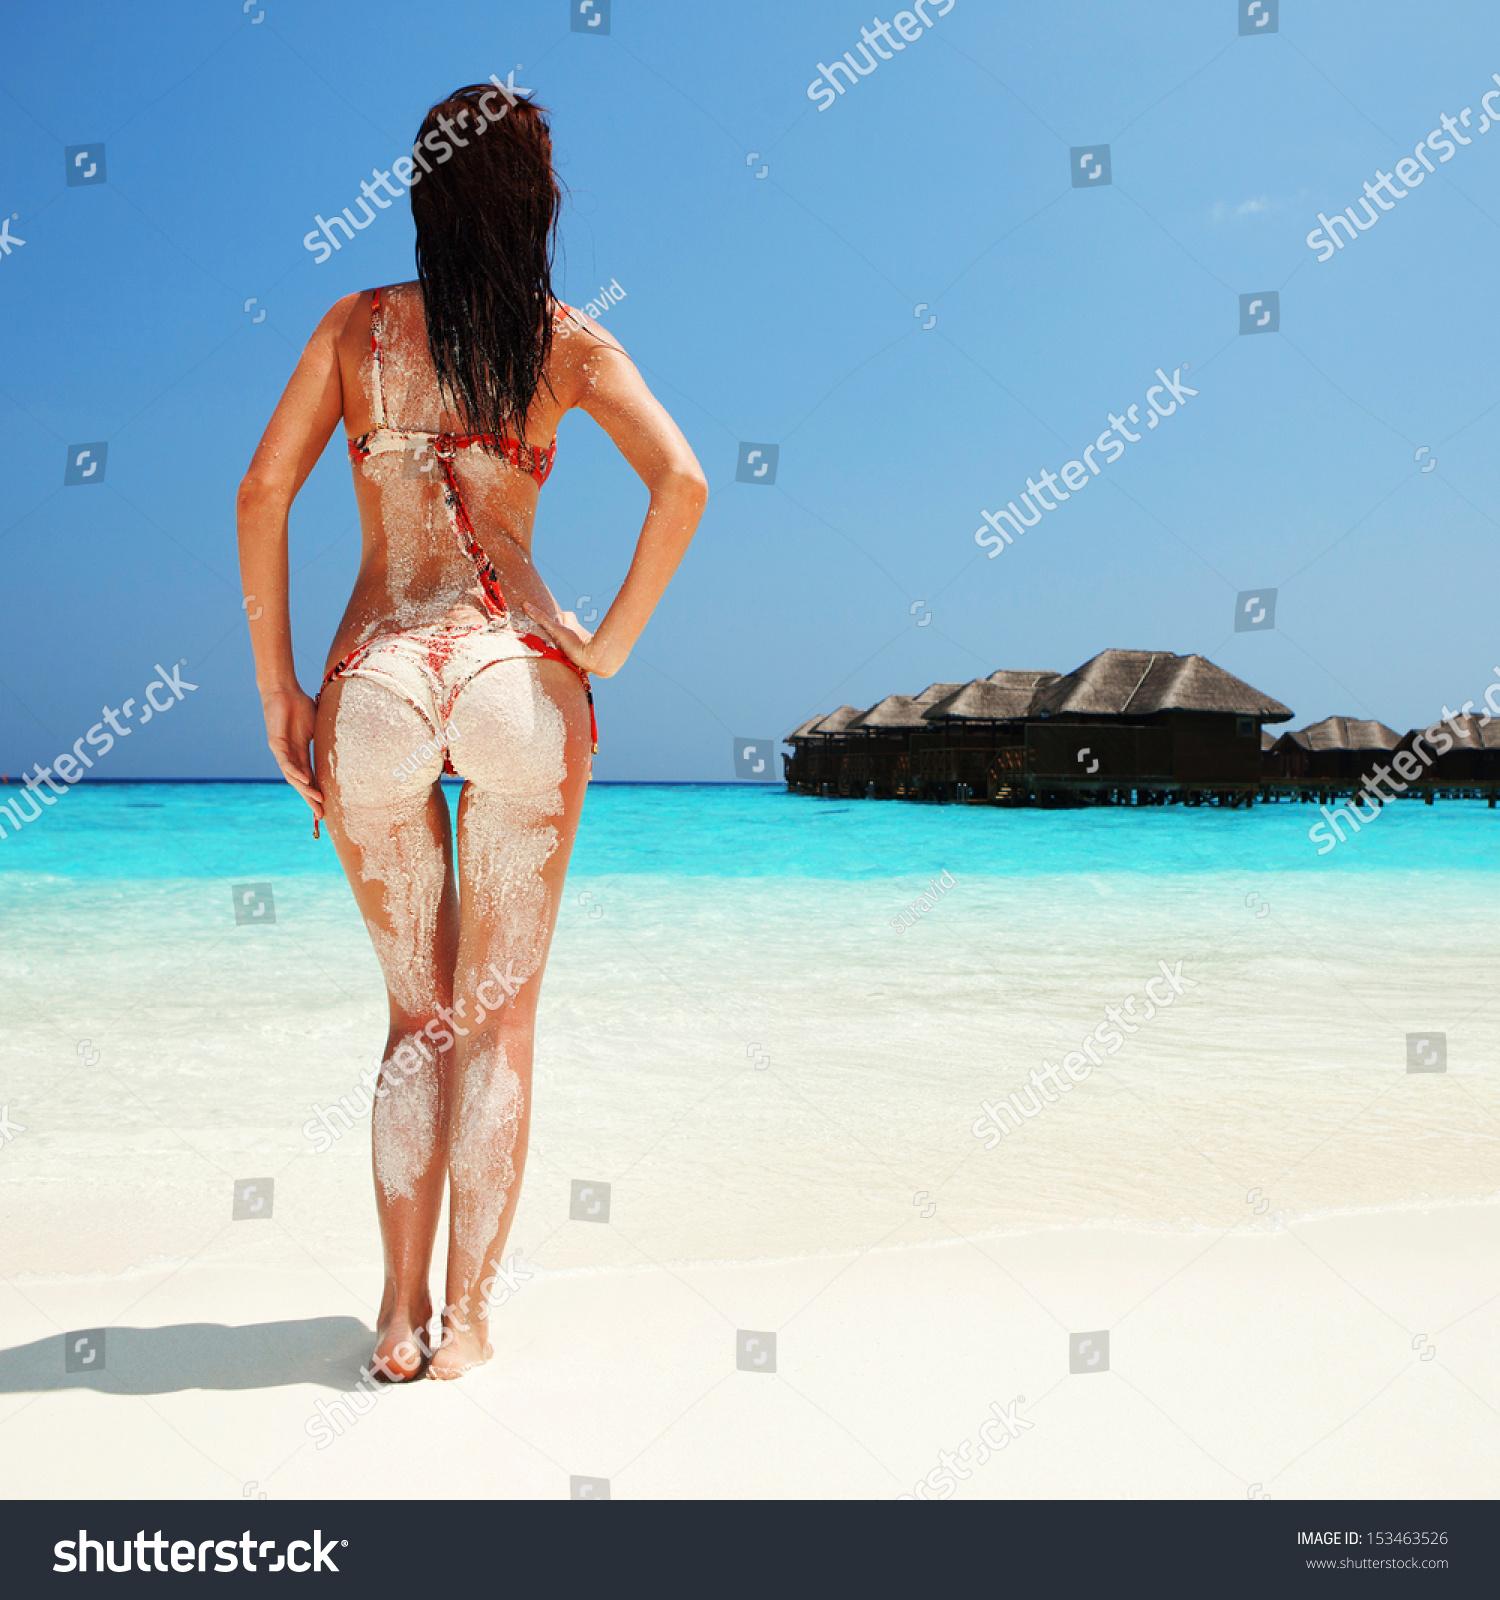 W w w world sex Nude Photos 32